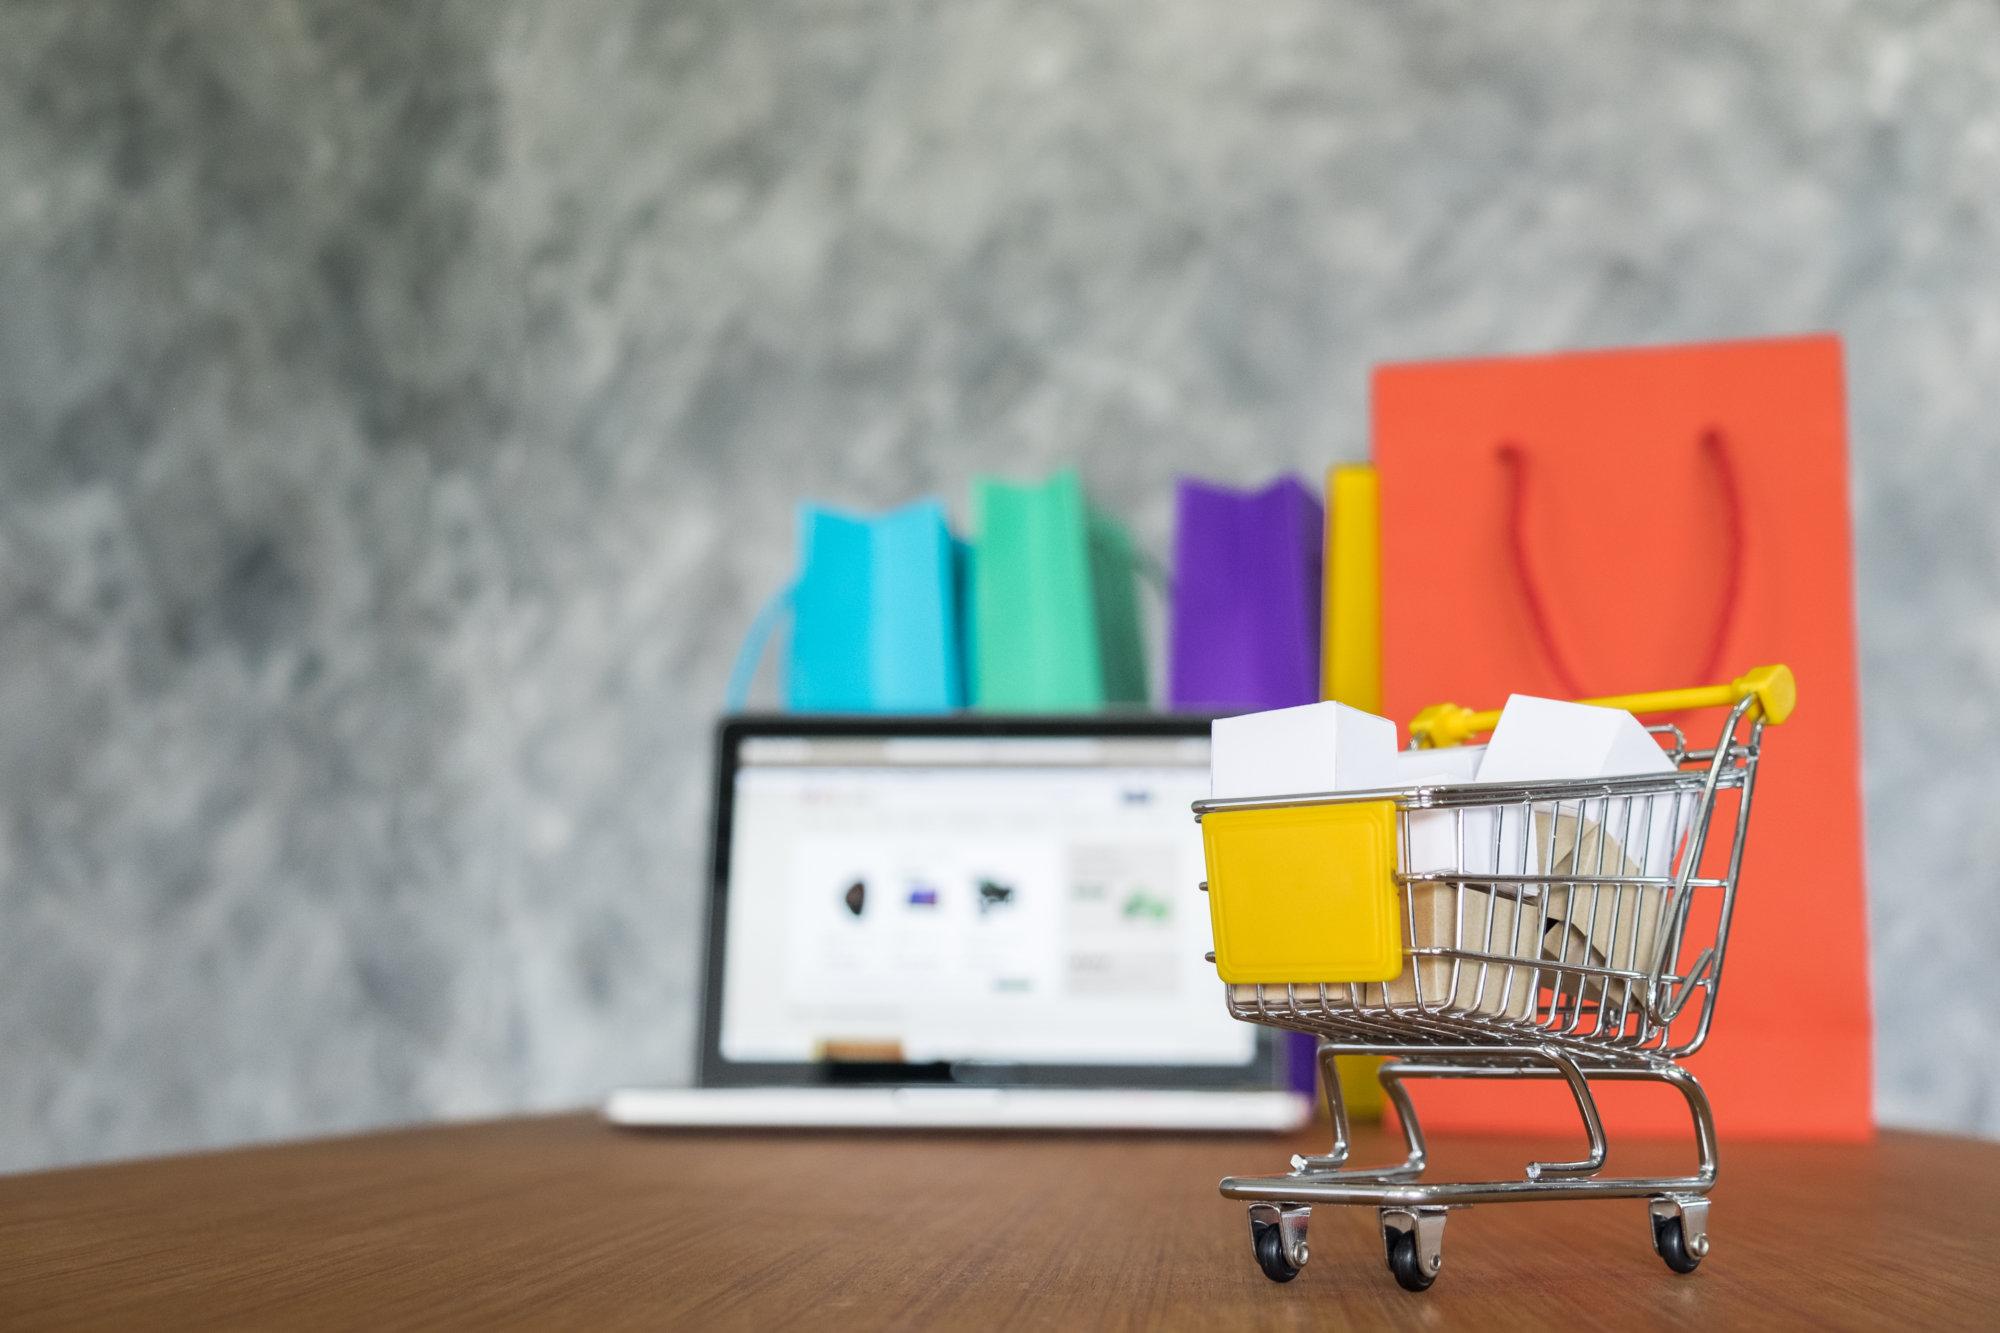 O que aconteceu com o e-commerce na pandemia?